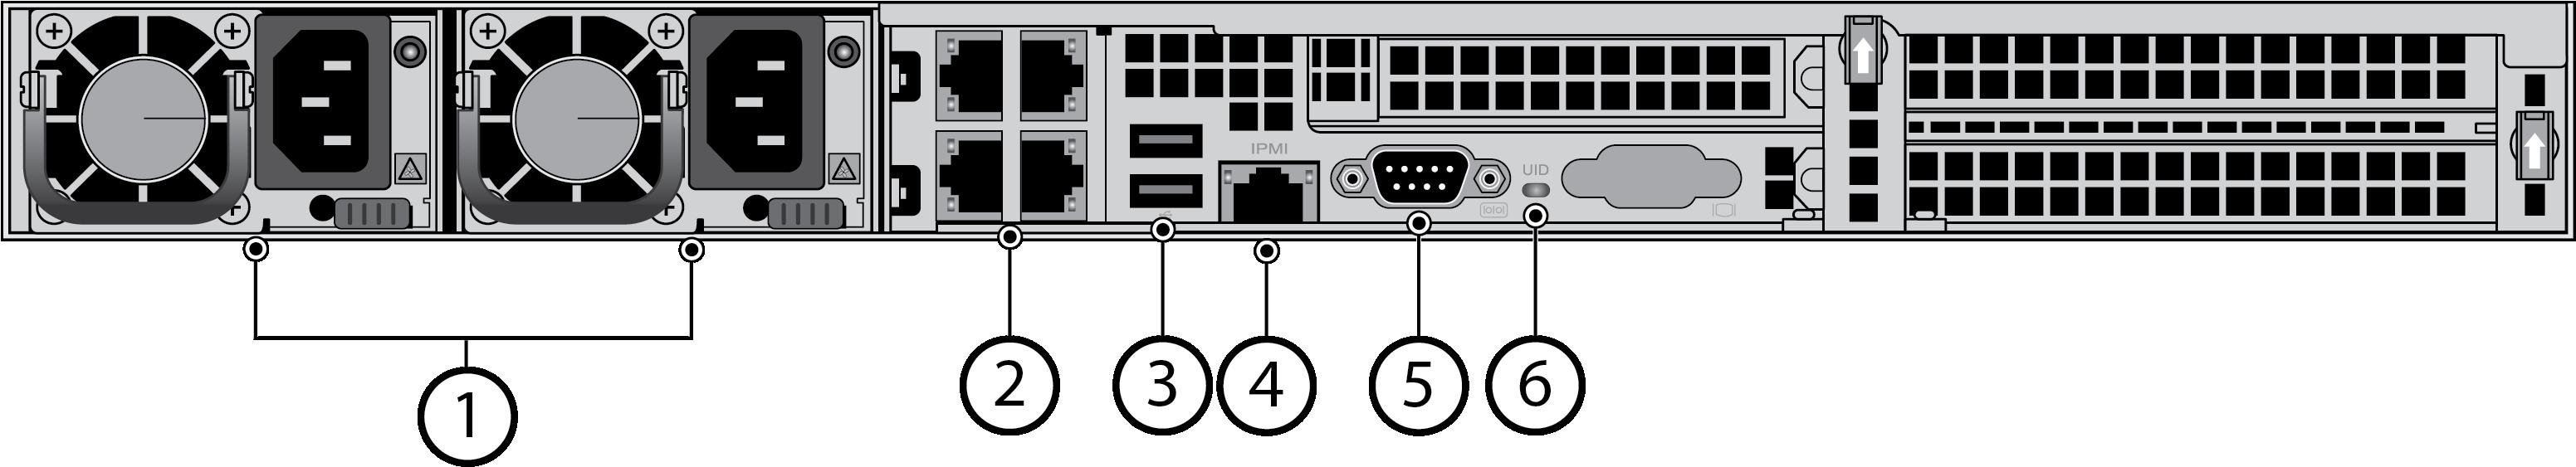 Palo Alto Networks M-200 Management Appliance | PaloGuard com